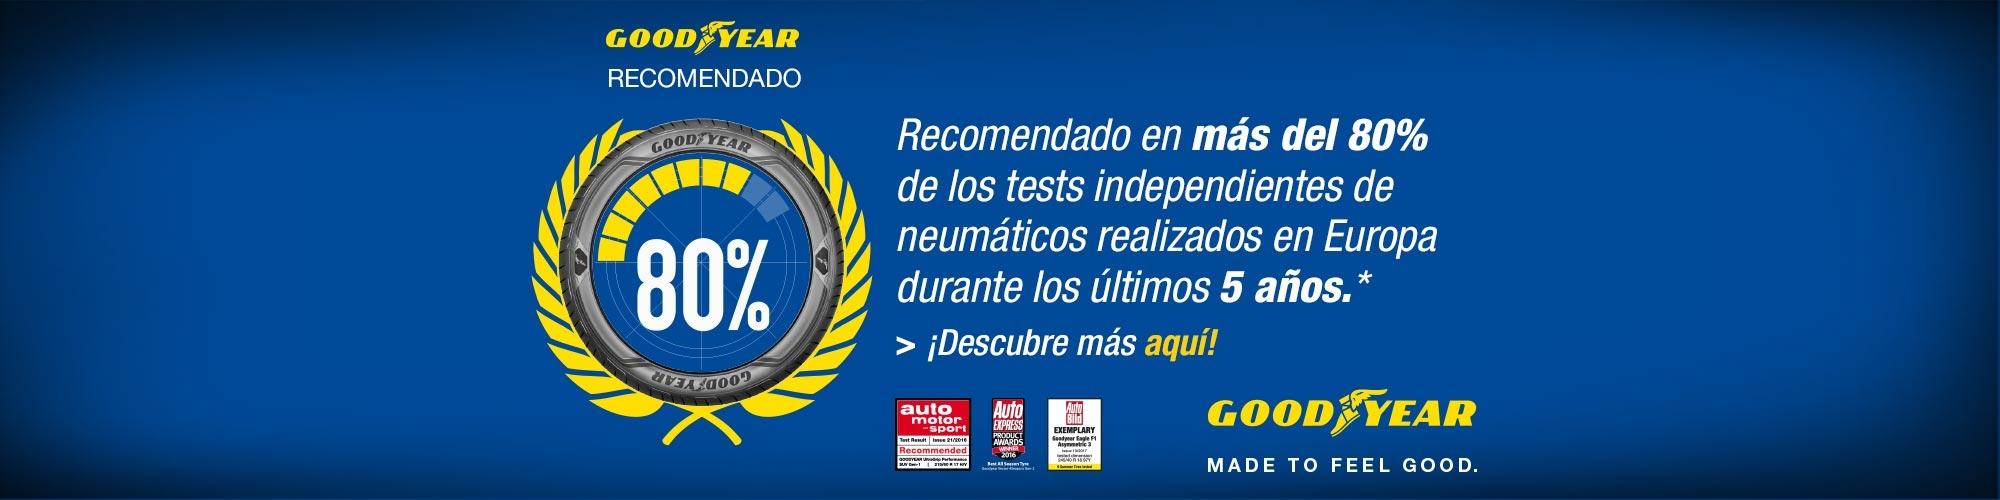 Goodyear recomendado en mas de 80% de los test